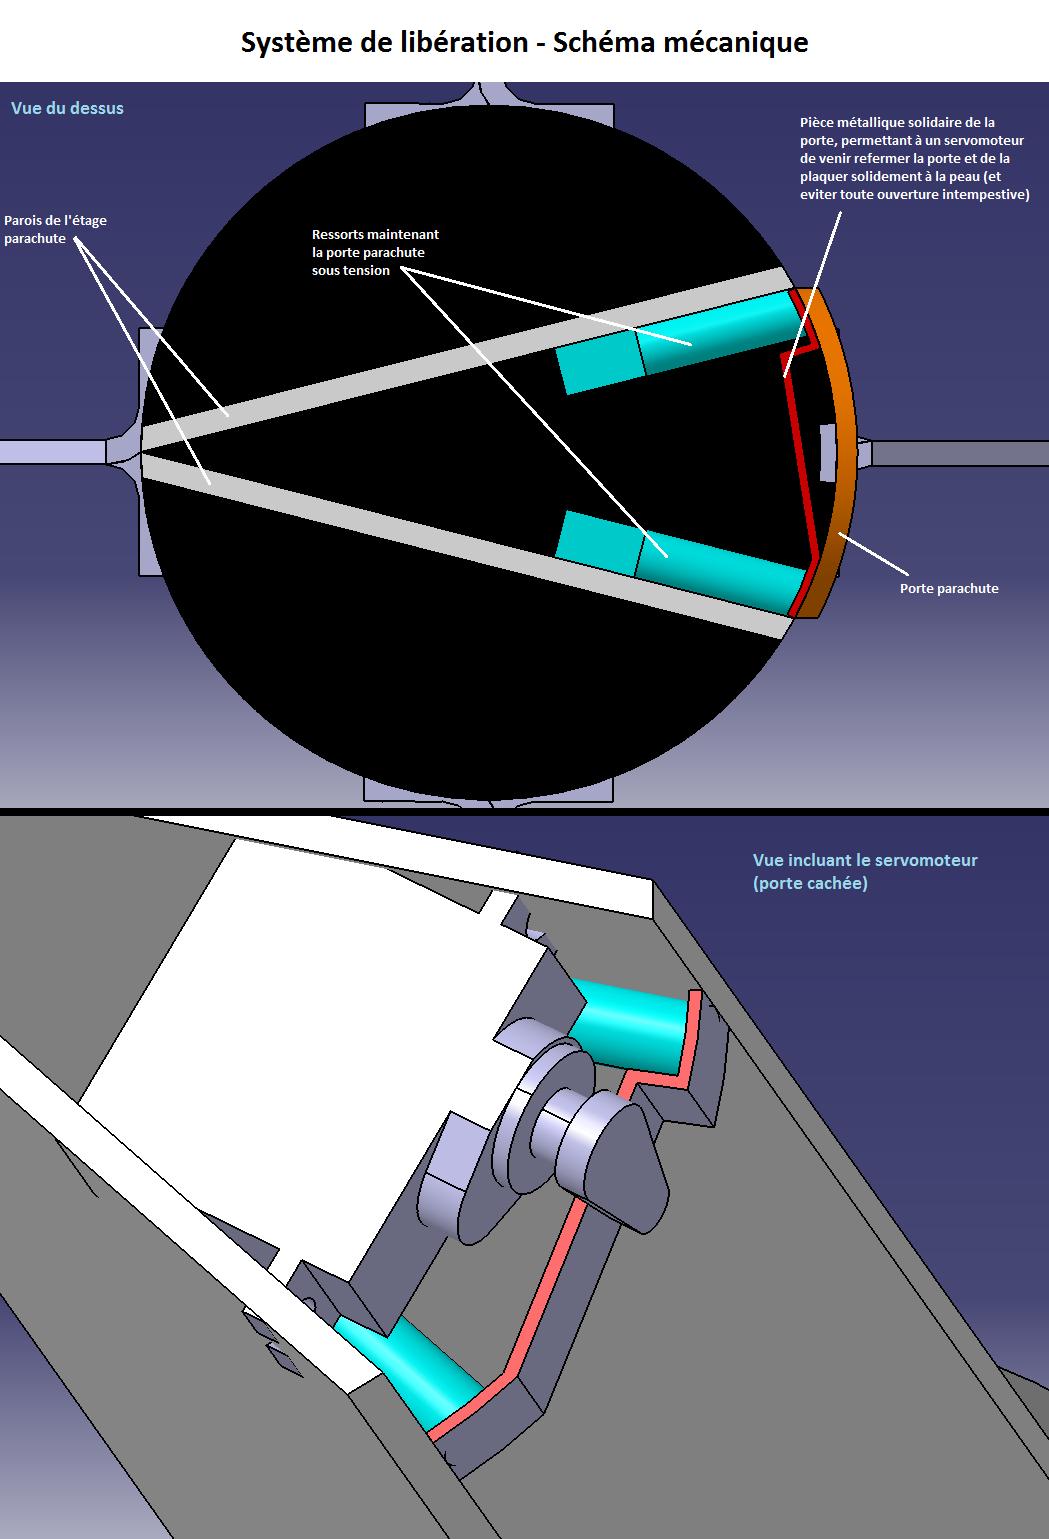 SchémaMécaniqueLibération.png